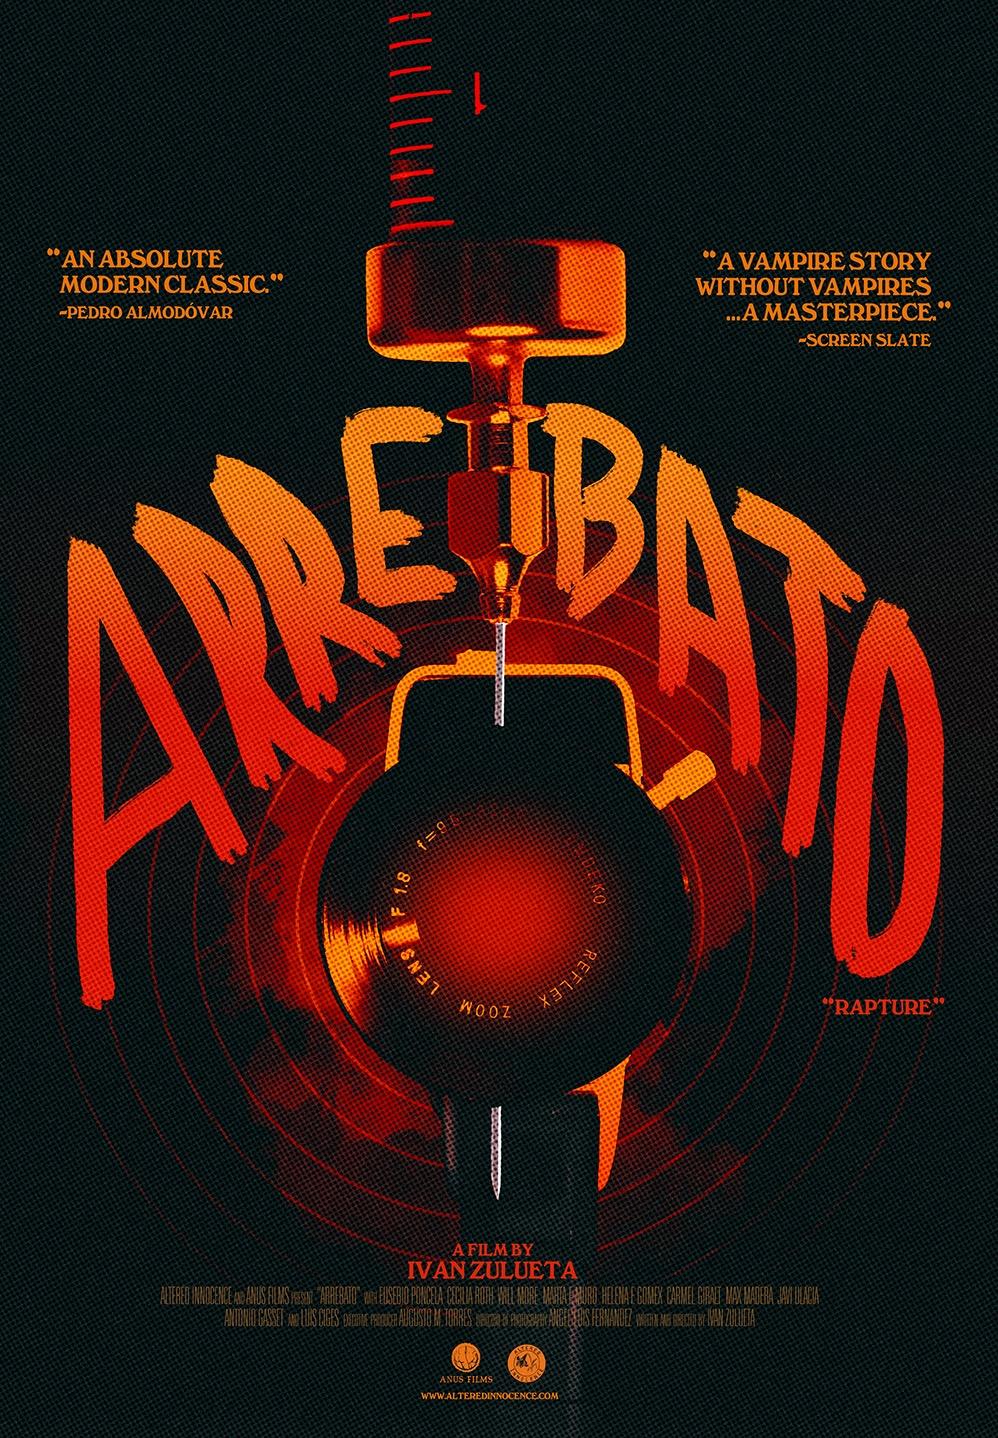 Poster for Arrebato